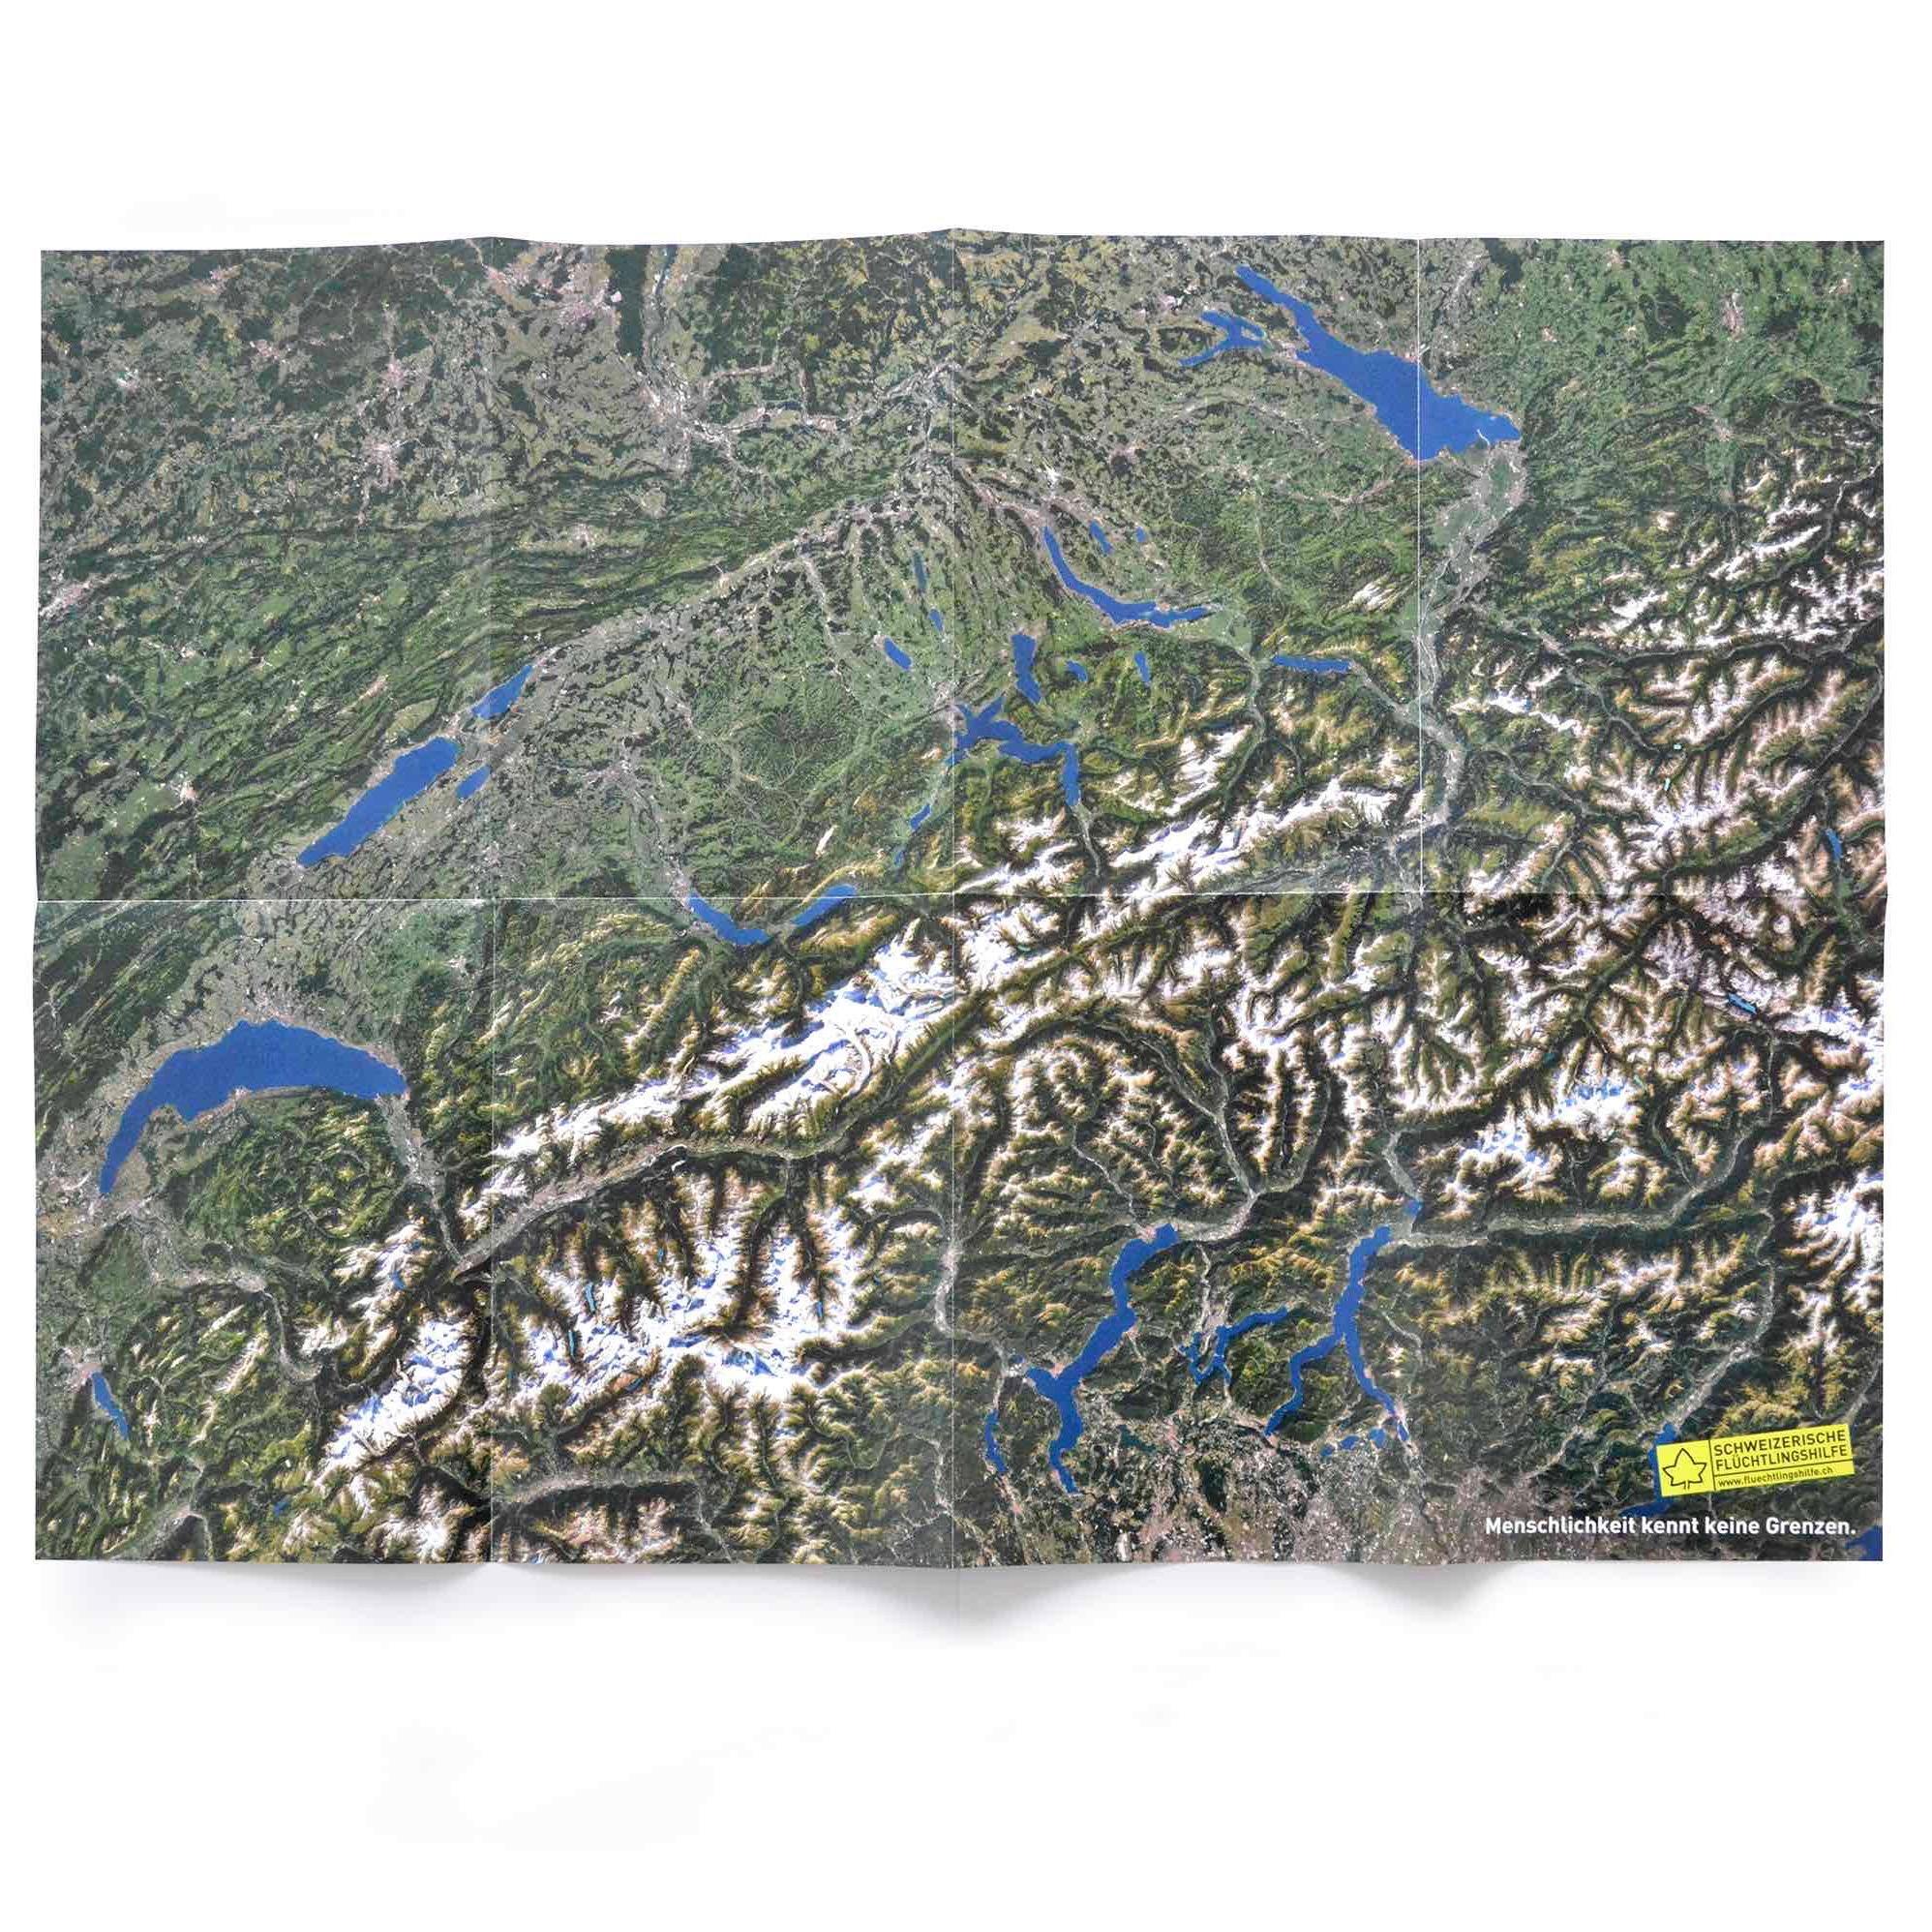 SchweizerischeFluechtlingshilfe_Streuwurf_4_GiveAway.jpg